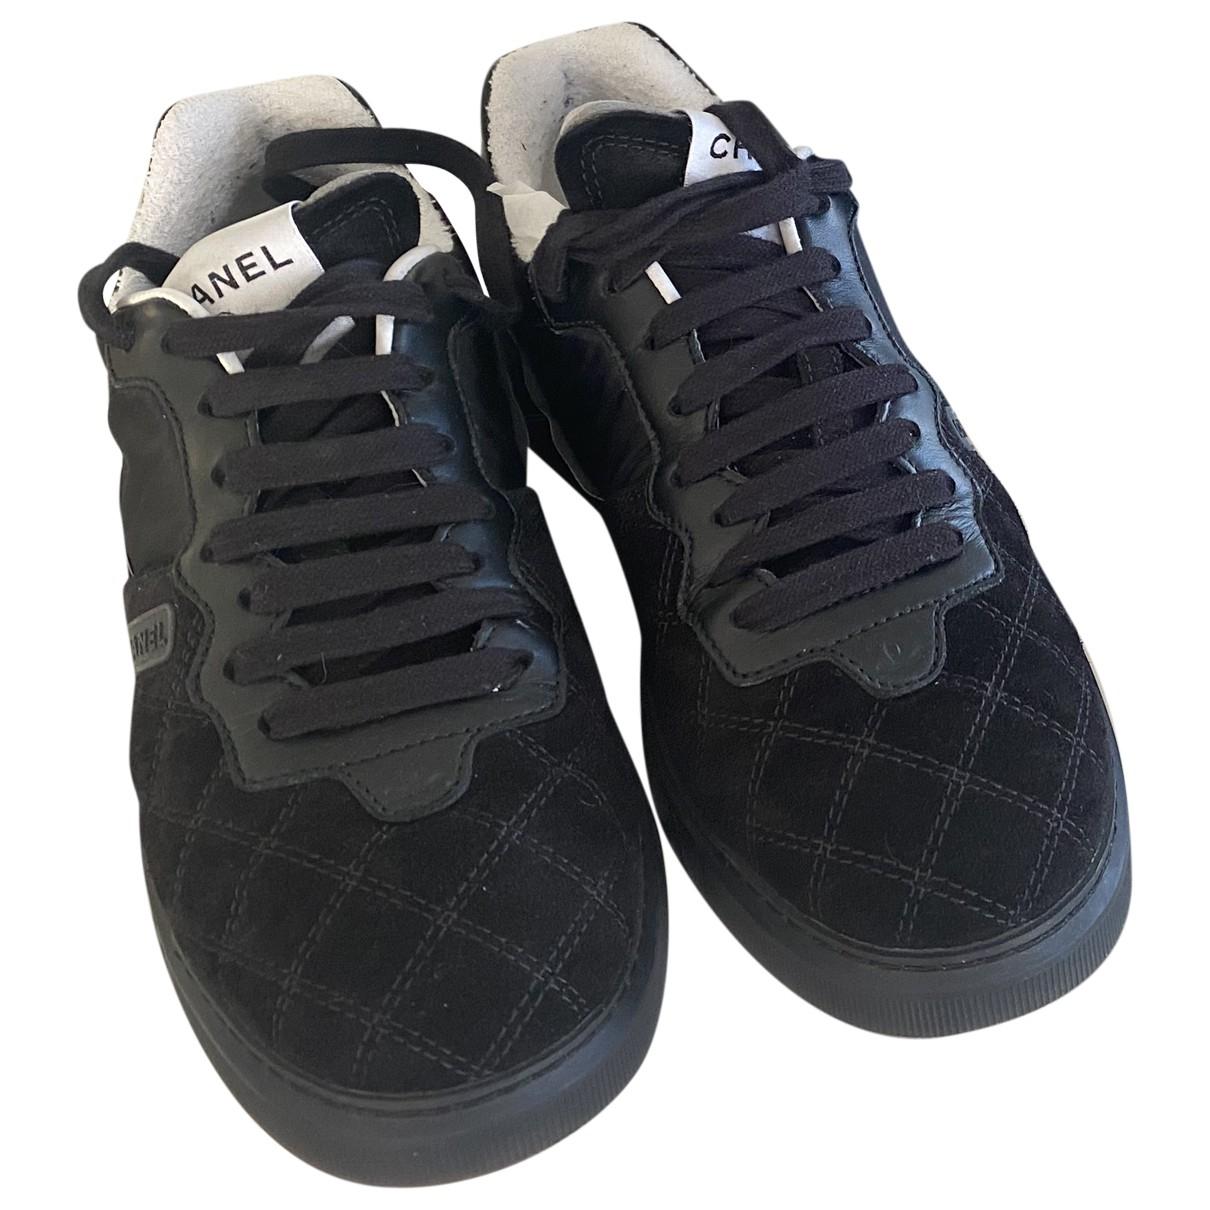 Chanel - Baskets   pour femme en cuir - noir